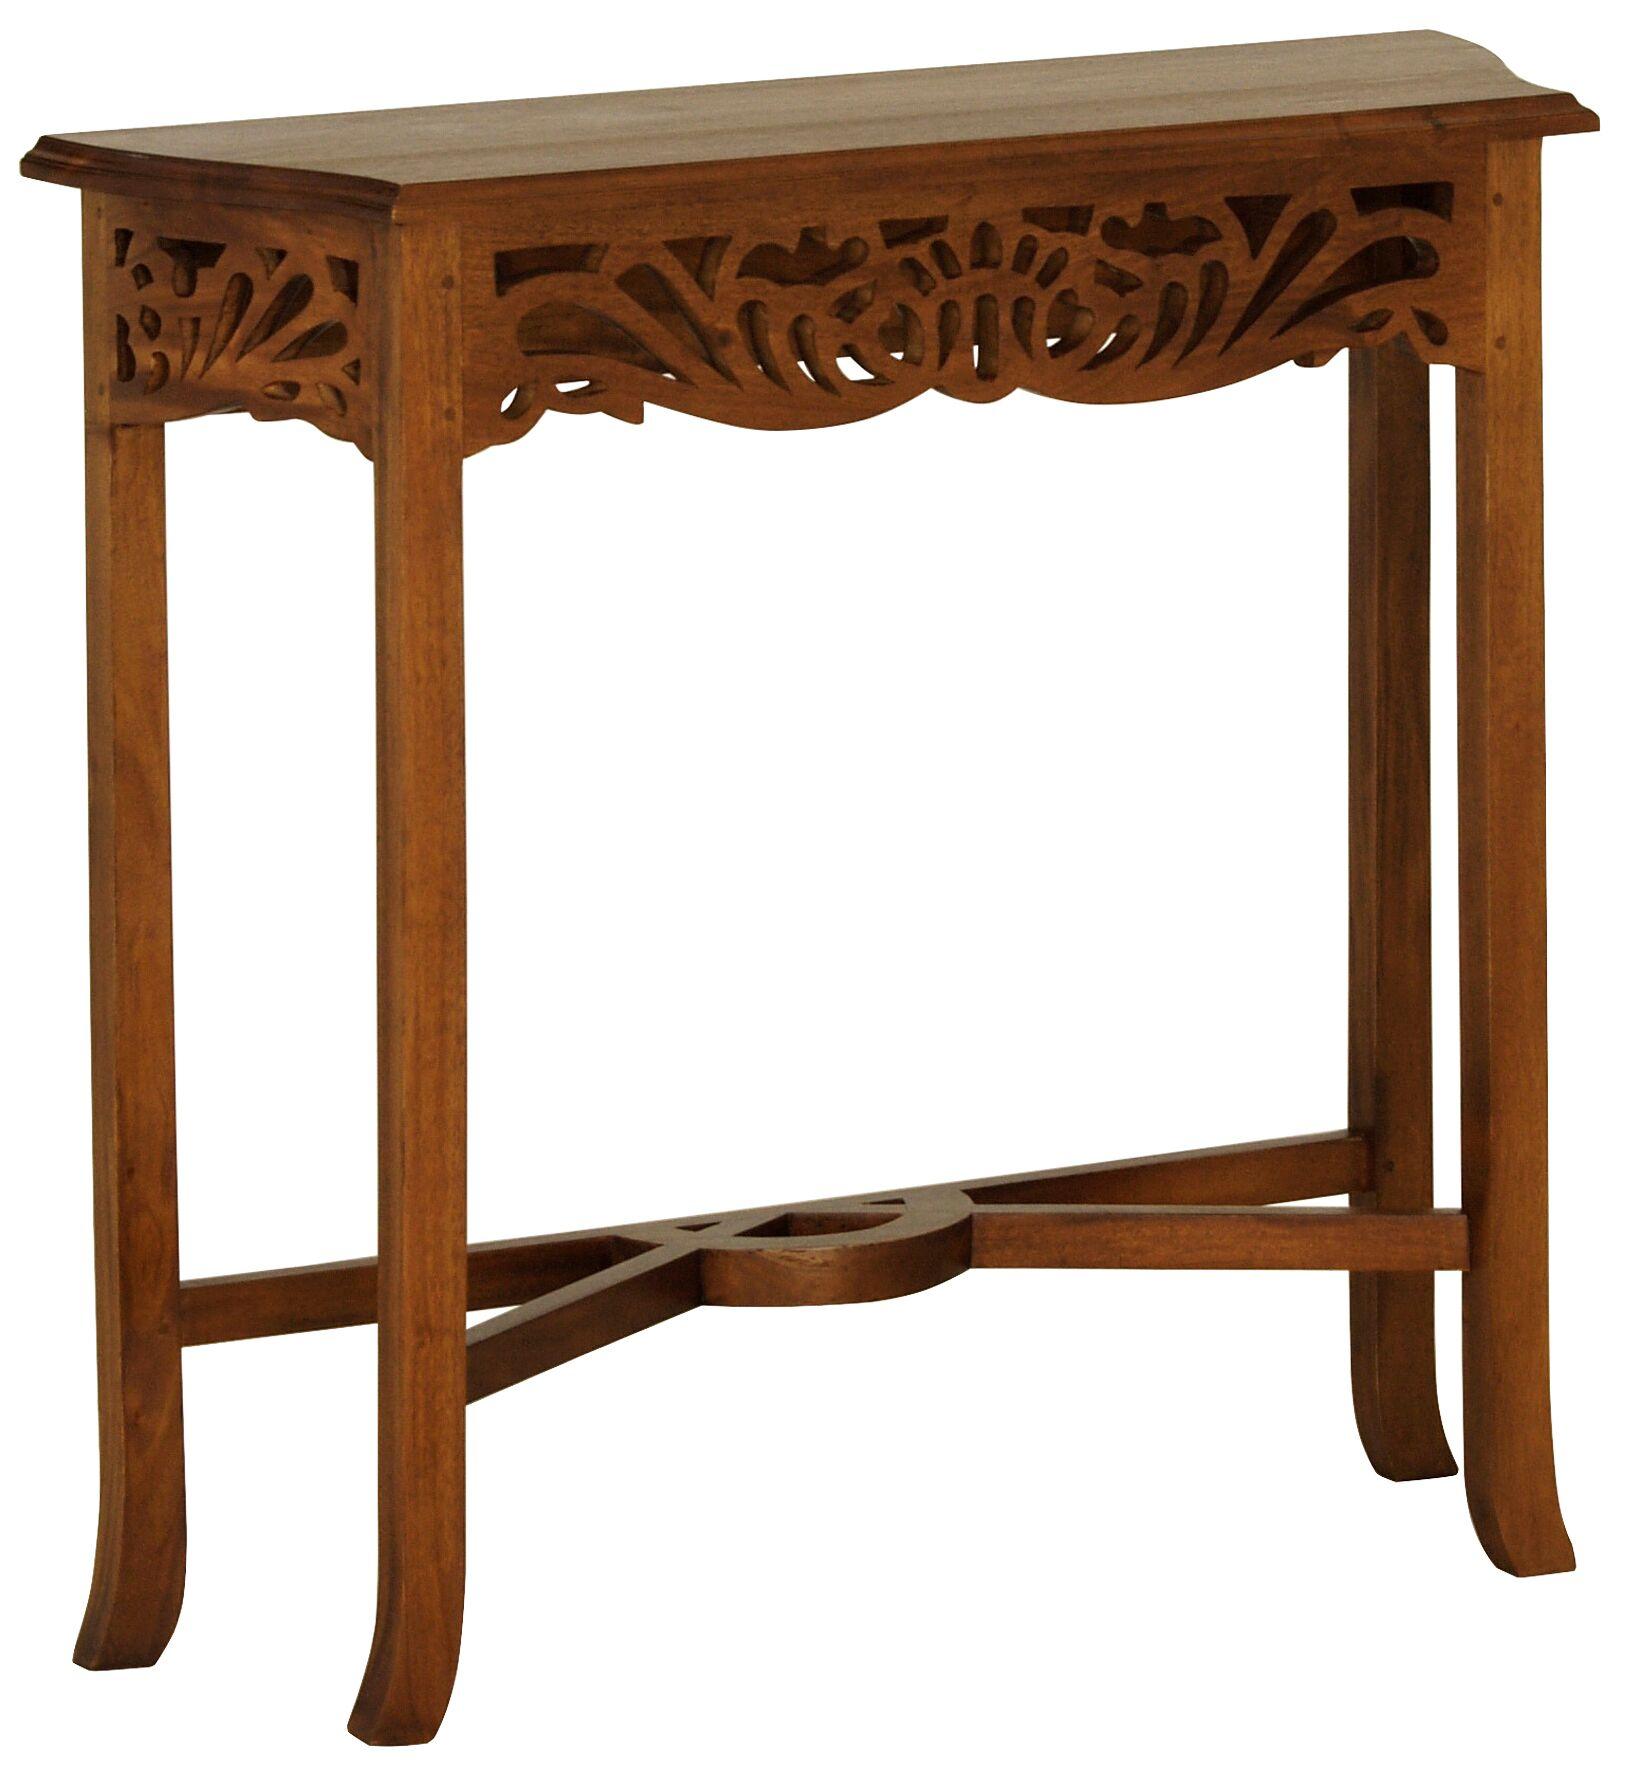 Sardis End Table Color: Pecan Brown